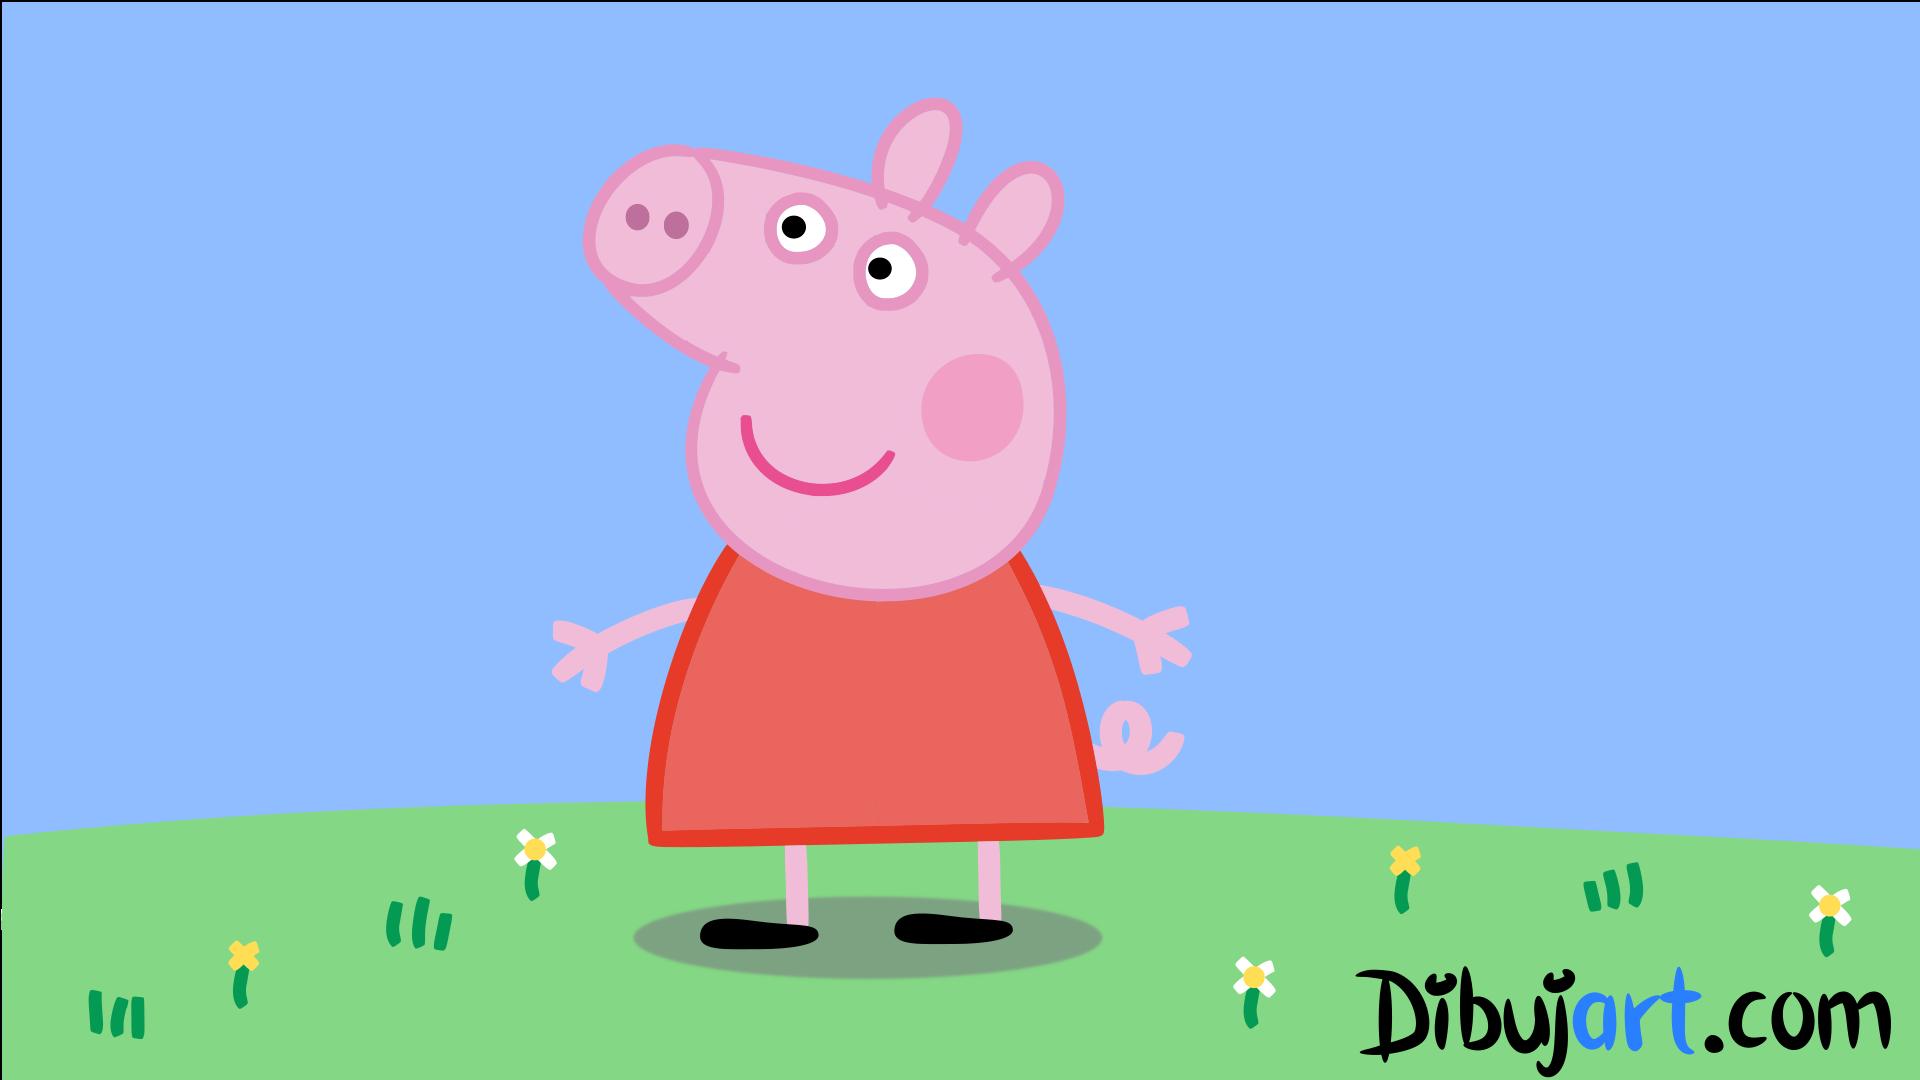 Cómo Dibujar A Peppa Pig La Estrella De Los Dibujos Animados